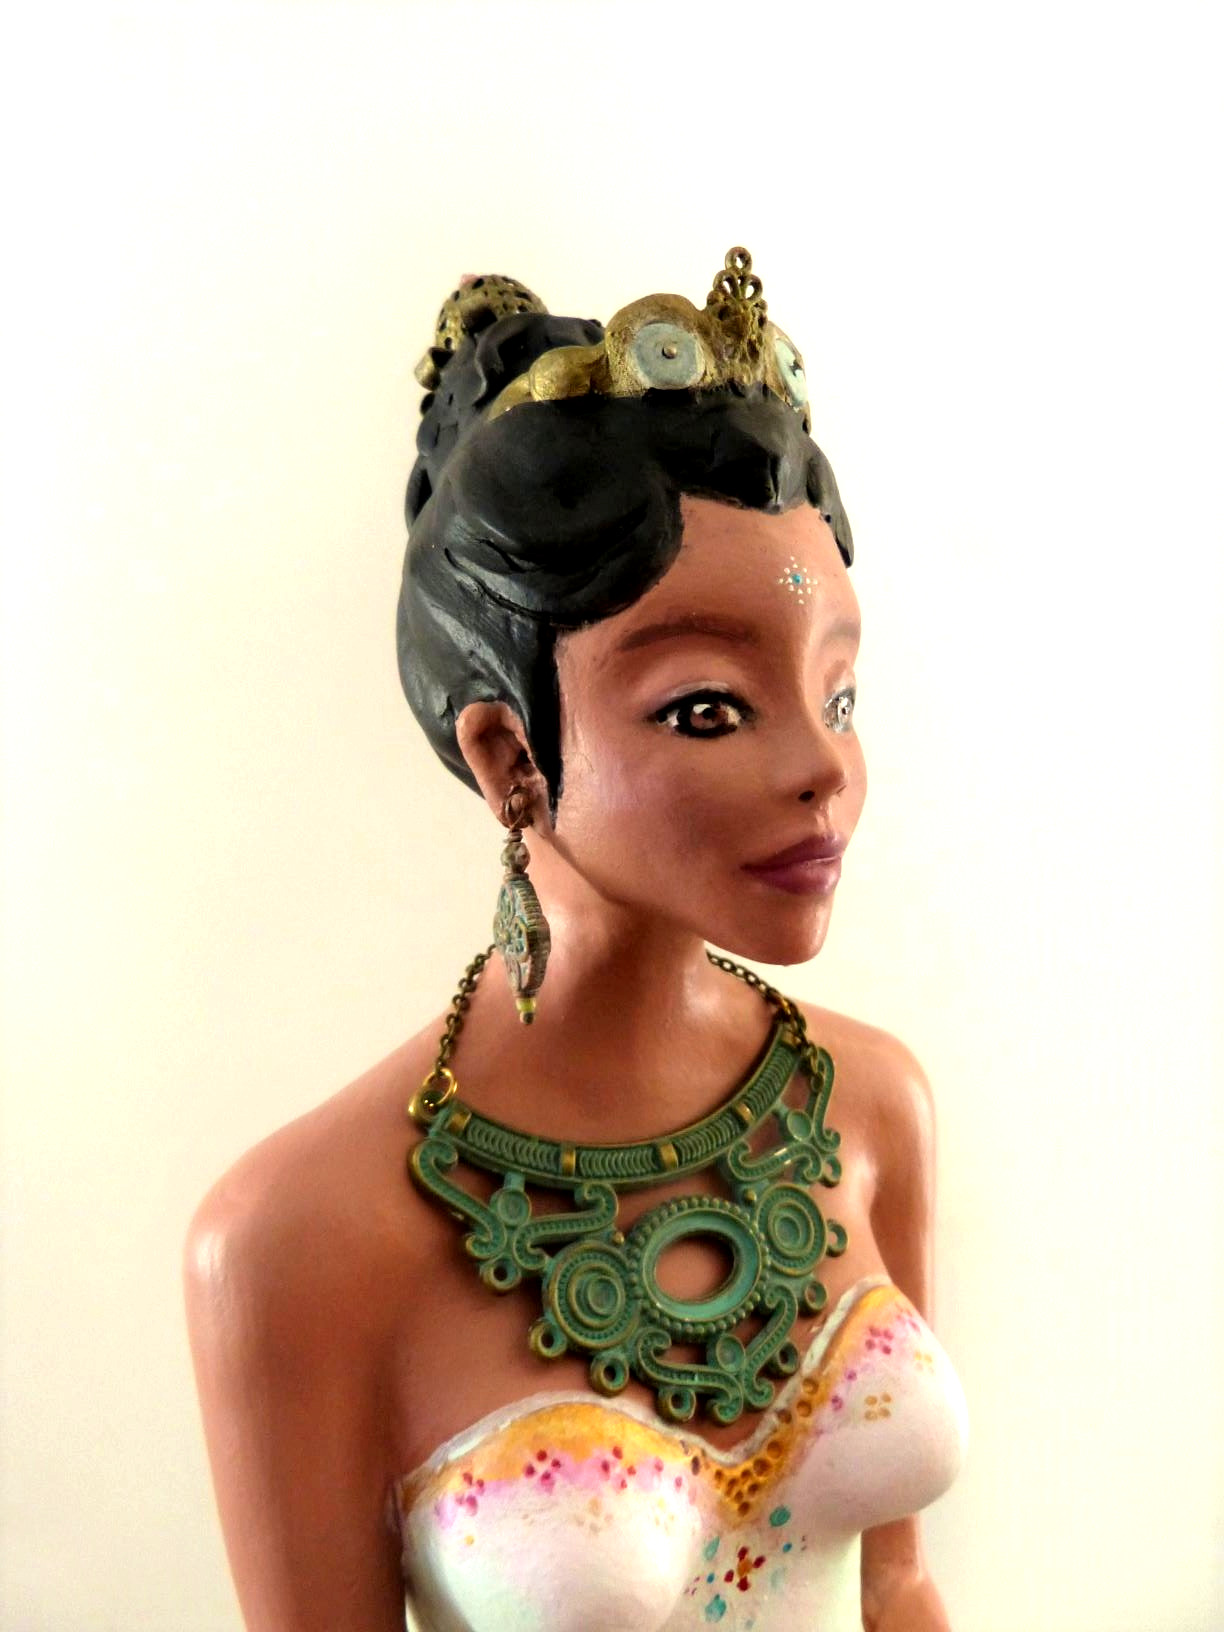 Tara déesse de la vie